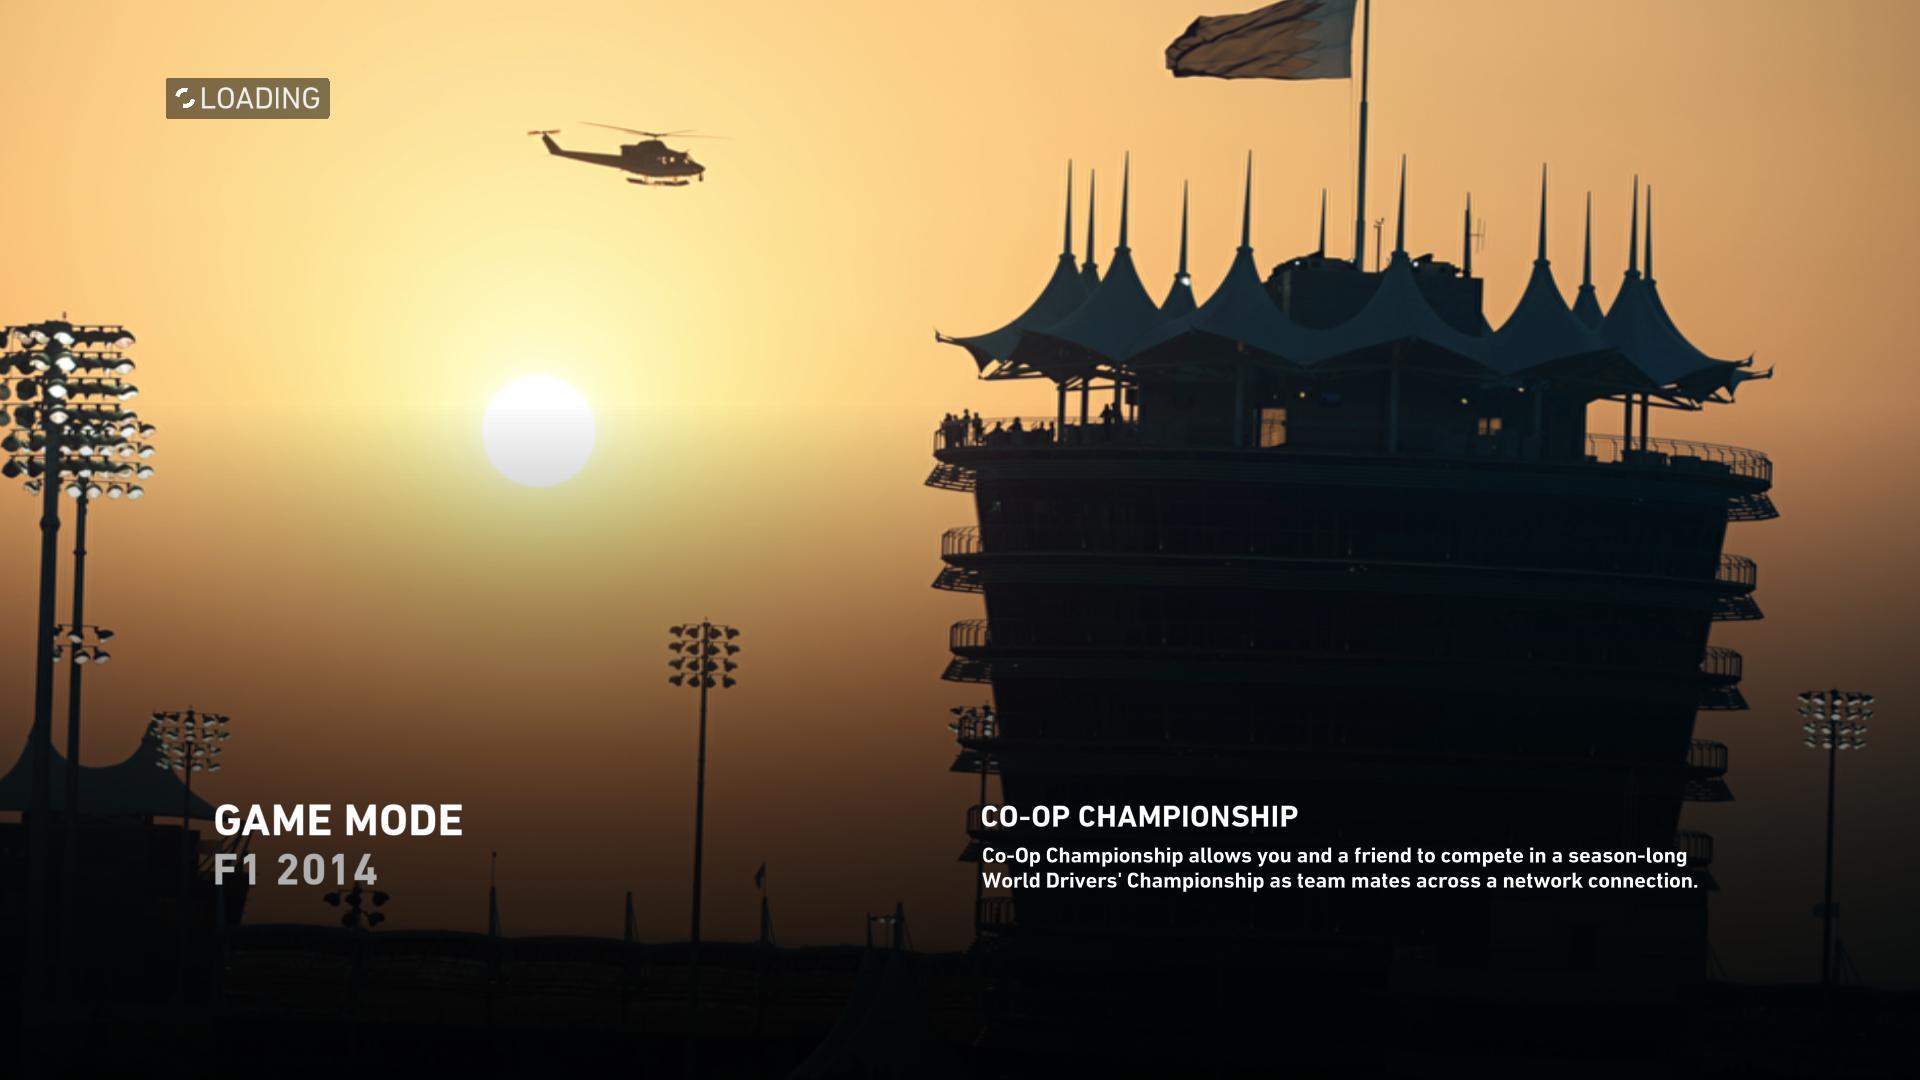 F1 2014 Loading Screen #17